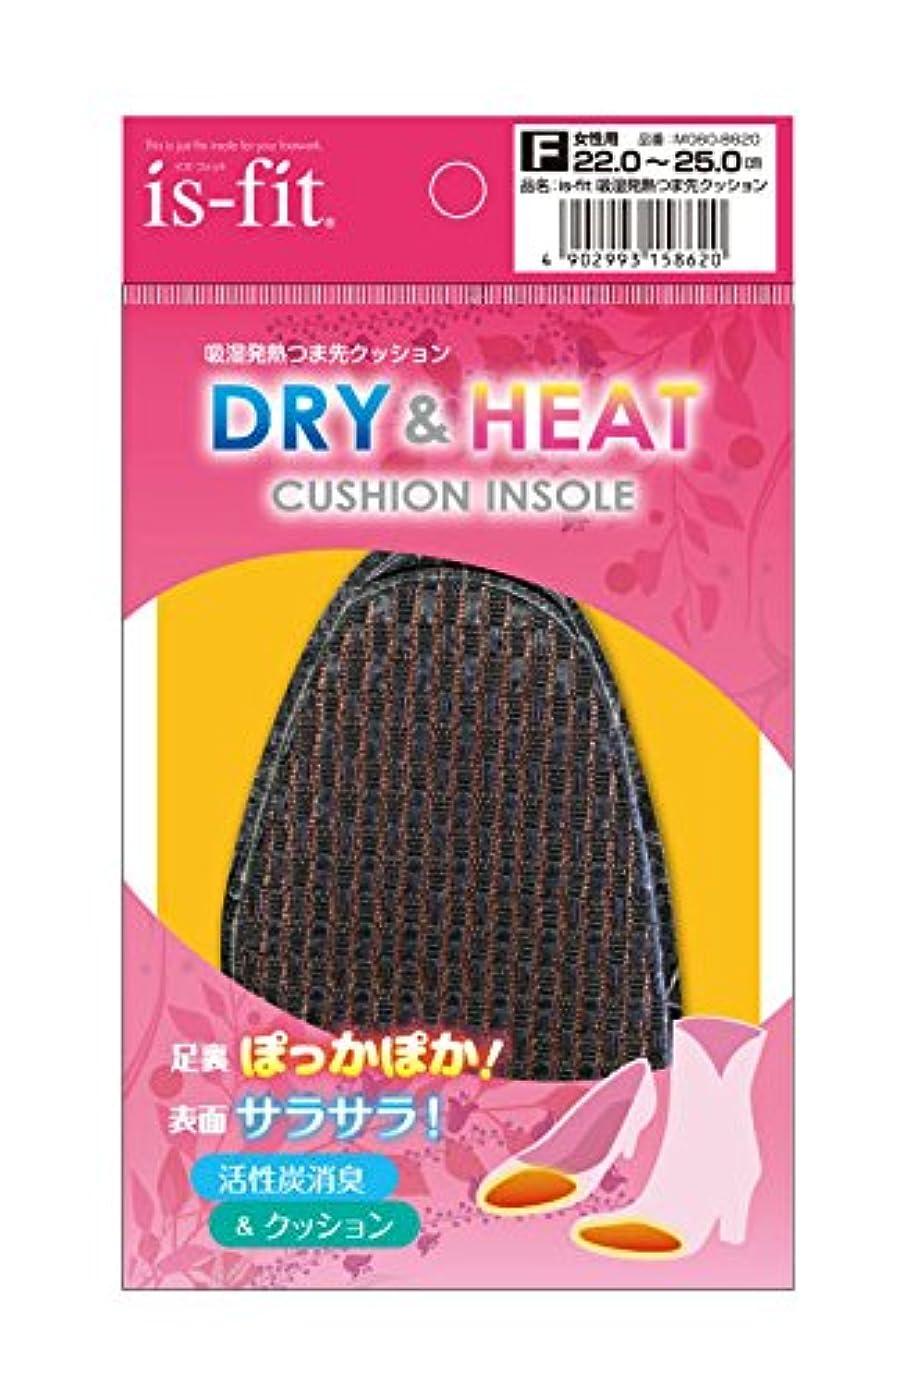 少年霊剃るis-fit(イズフィット) 吸湿発熱つま先クッション 女性用 フリー(22.0cm-25.0cm) ブラック